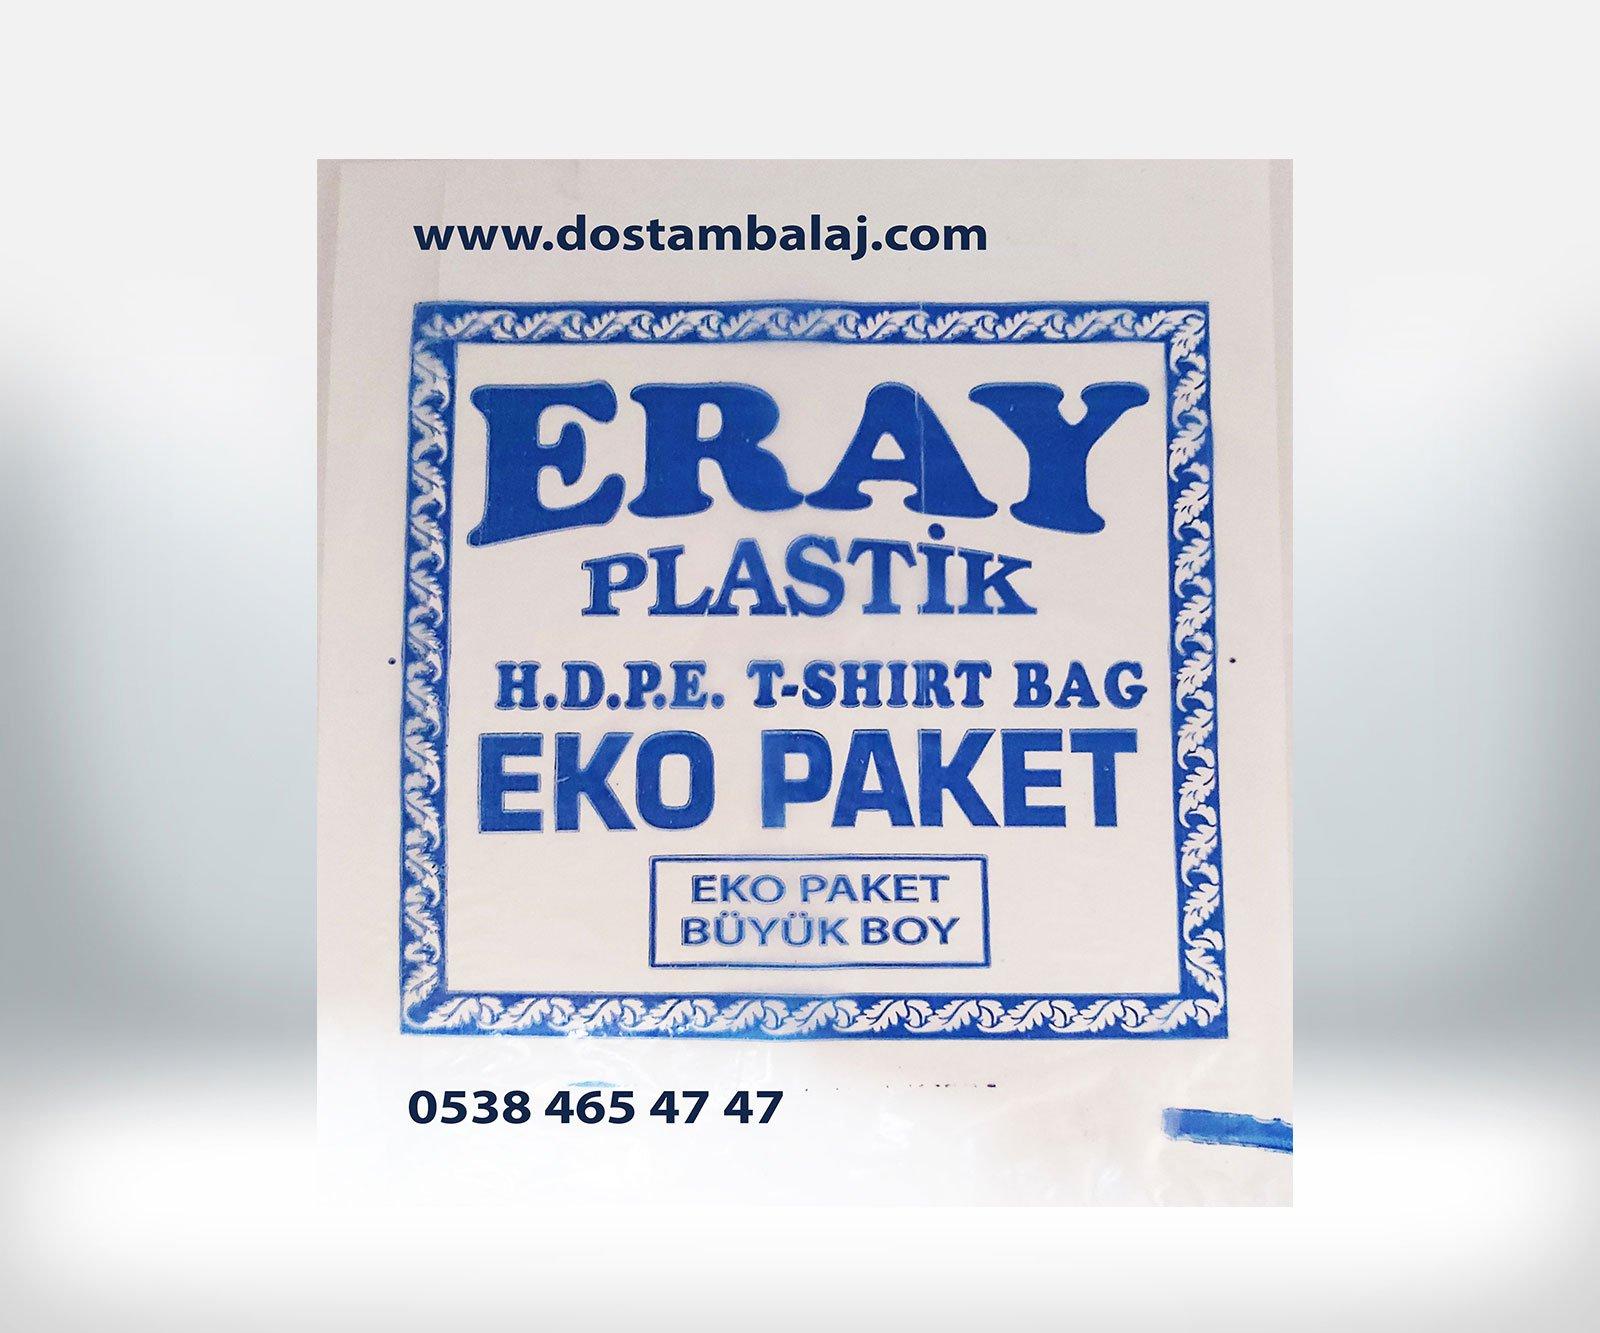 Eray Büyük Boy Eko Paket